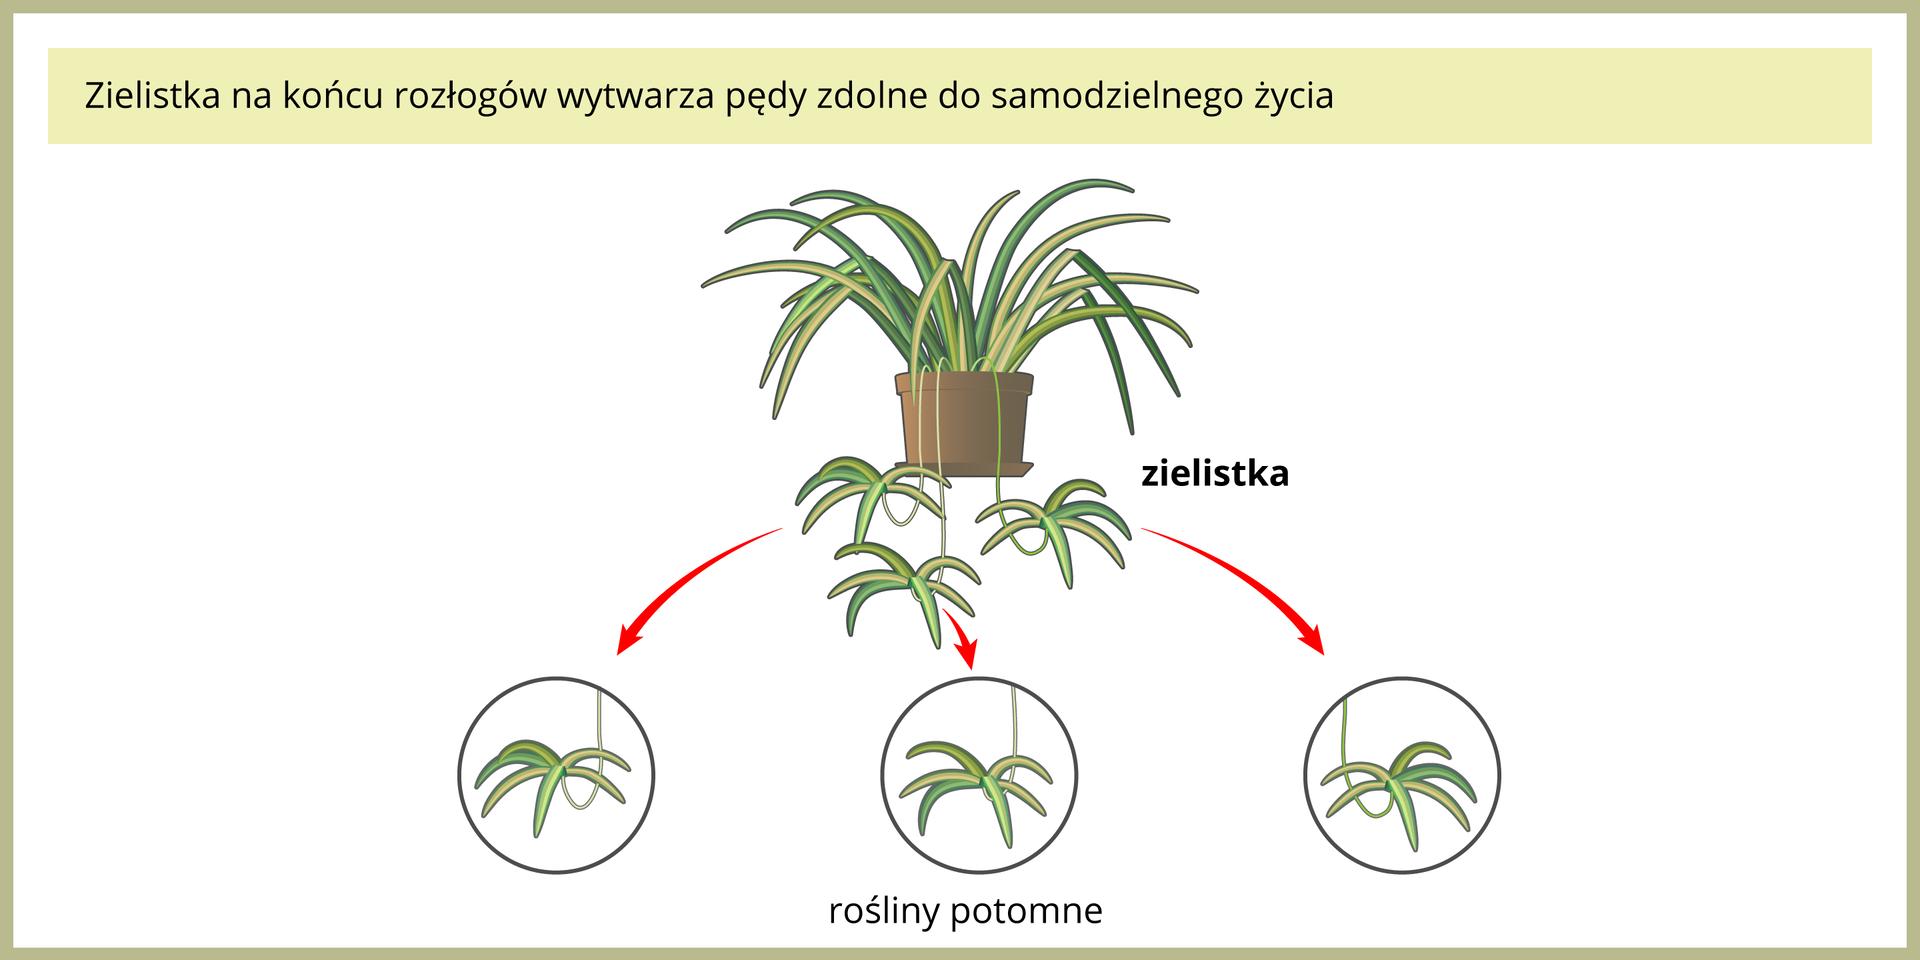 Ilustracja przedstawia roślinę doniczkową, zwaną zielistką. Ma ona długie, wąskie, jasnozielone liście. Ma też długie łodyżki zkępkami liści na końcach. Czerwone strzałki wskazują te roślinki potomne wzbliżeniu. Jest to rozmnażanie przez rozłogi